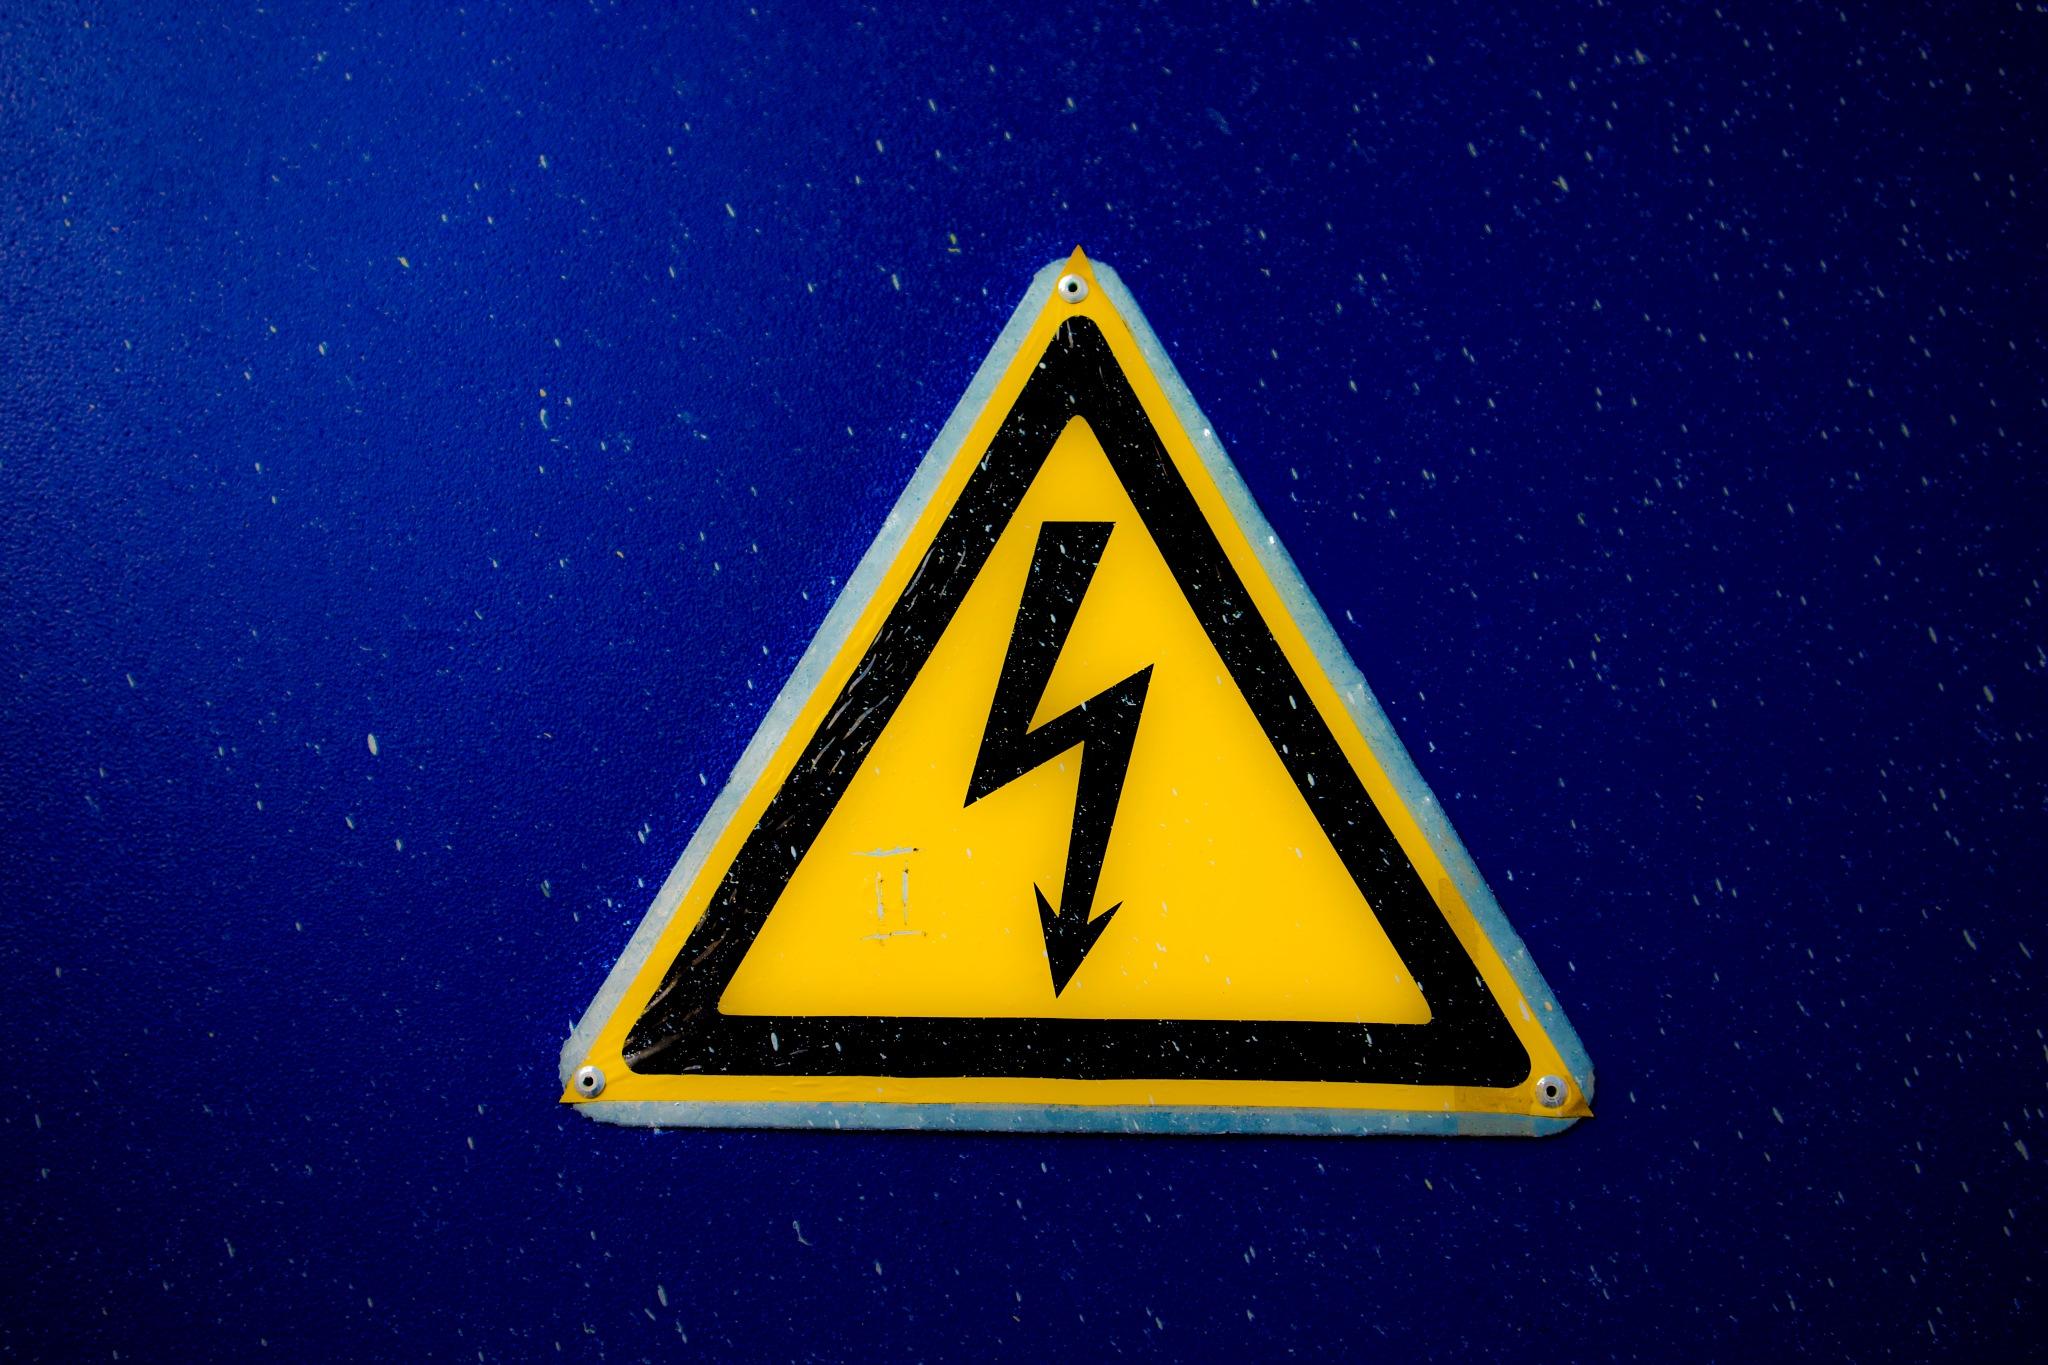 Electricity Danger Sign by Serge Quadrado